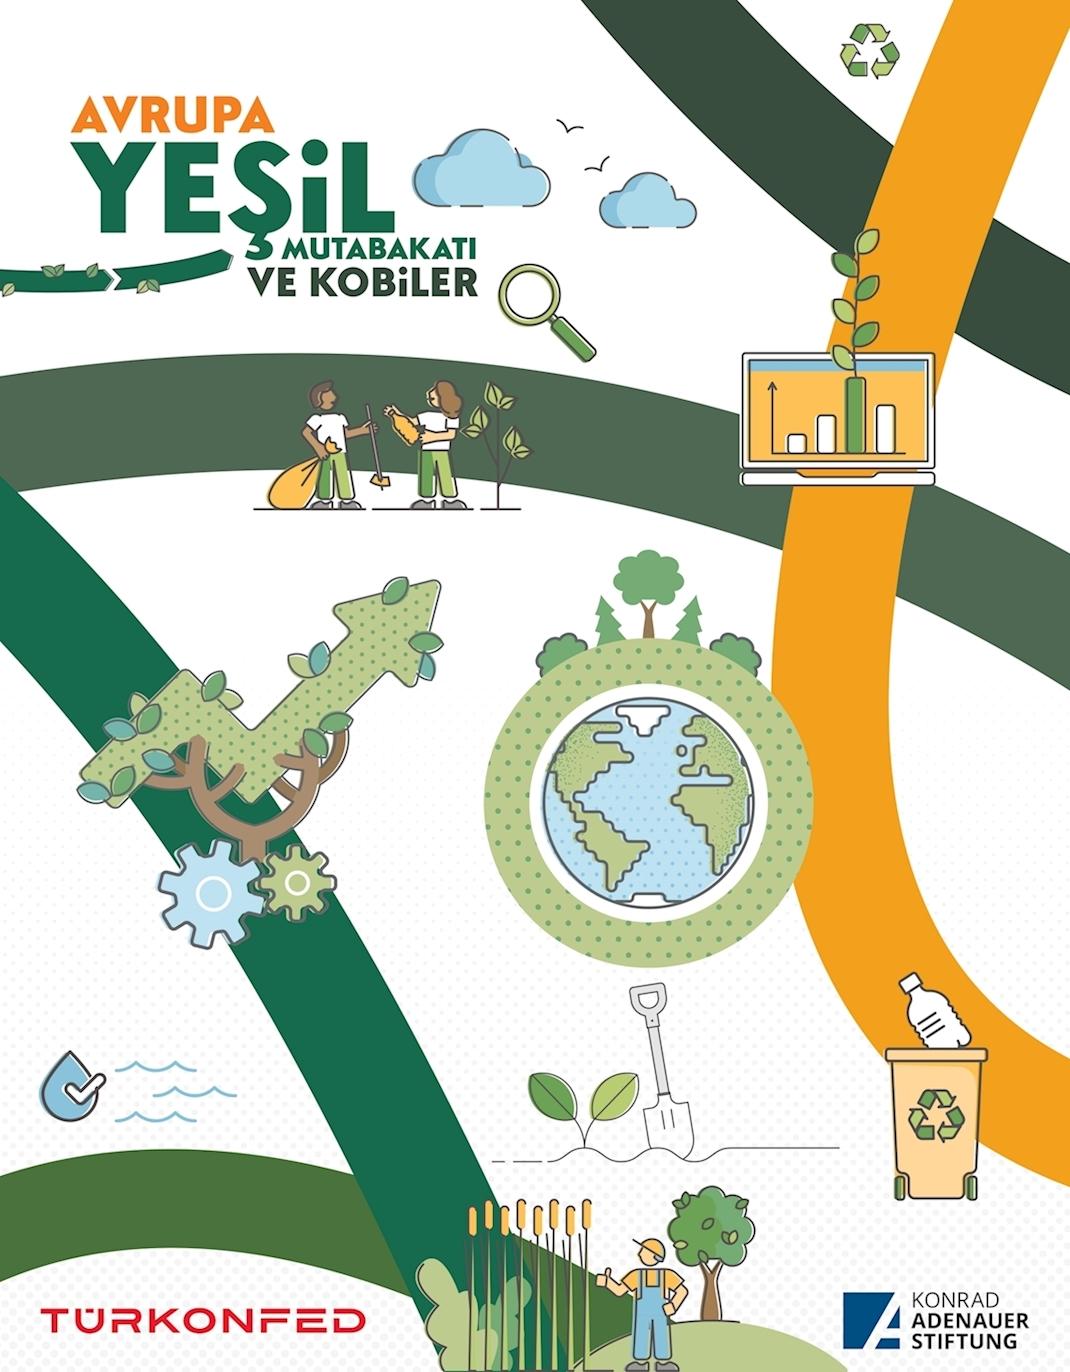 Avrupa Yeşil Mutabakatı ve KOBİ'ler